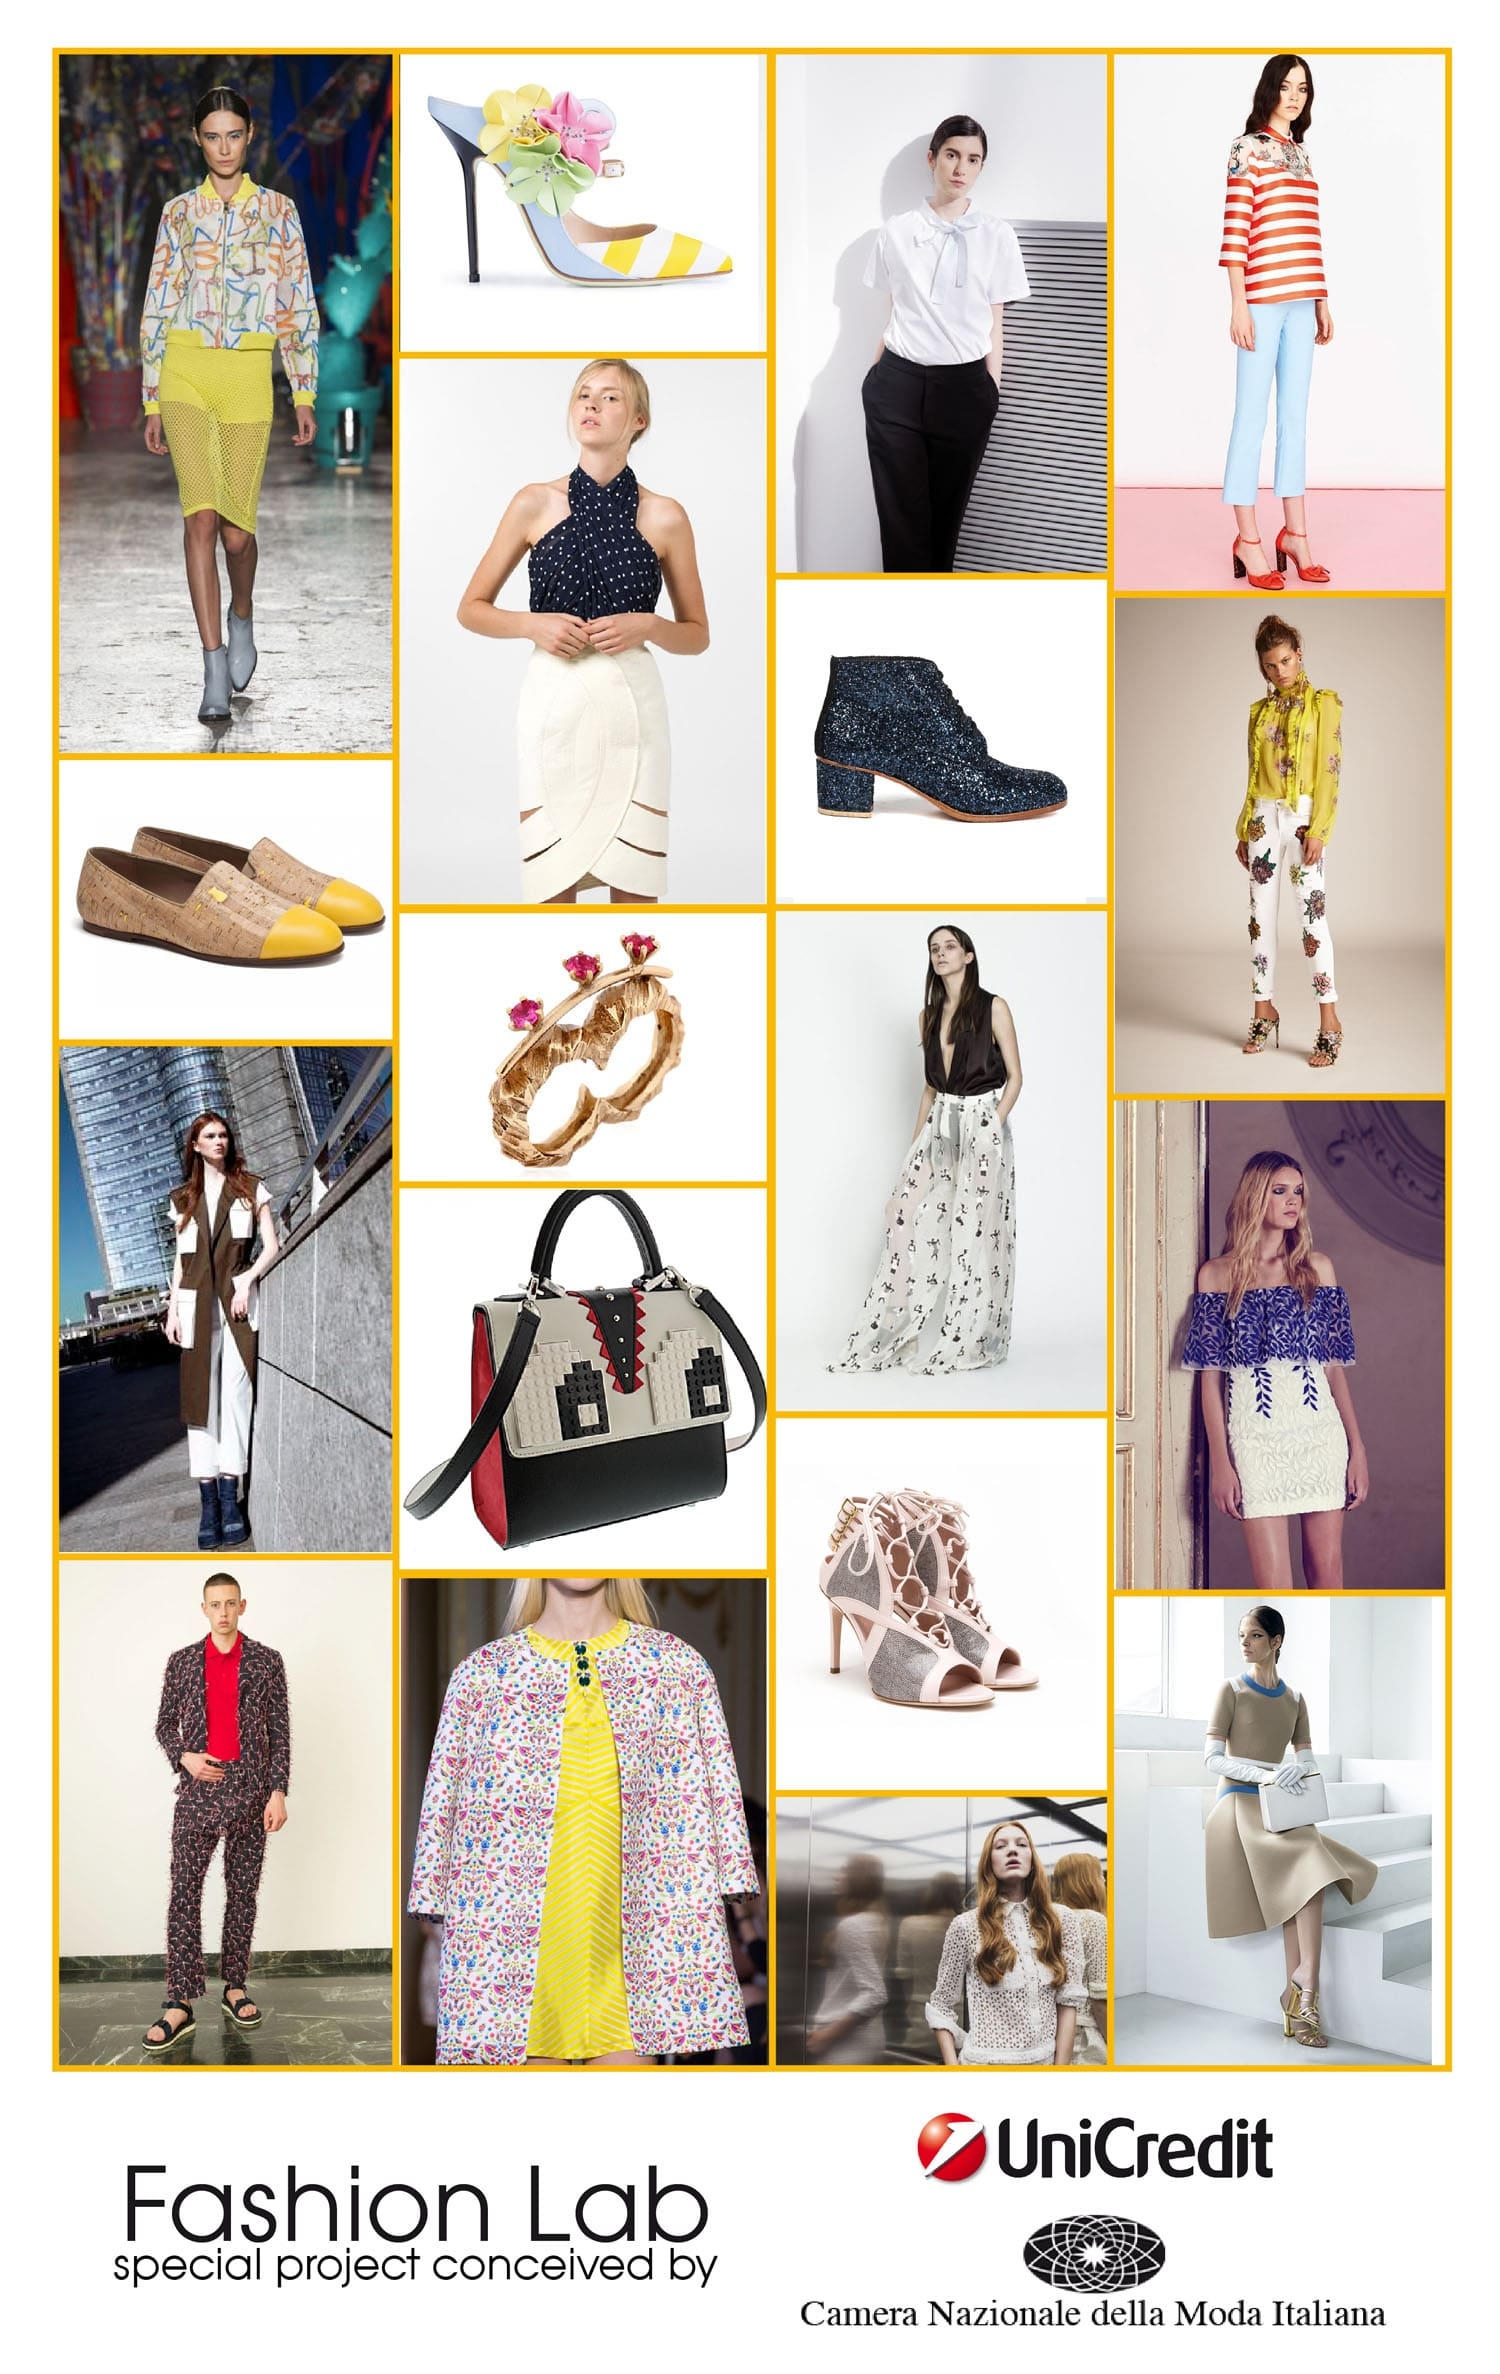 Fashion Lab : O futuro da moda italiana unindo tradição e inovação stylo urbano